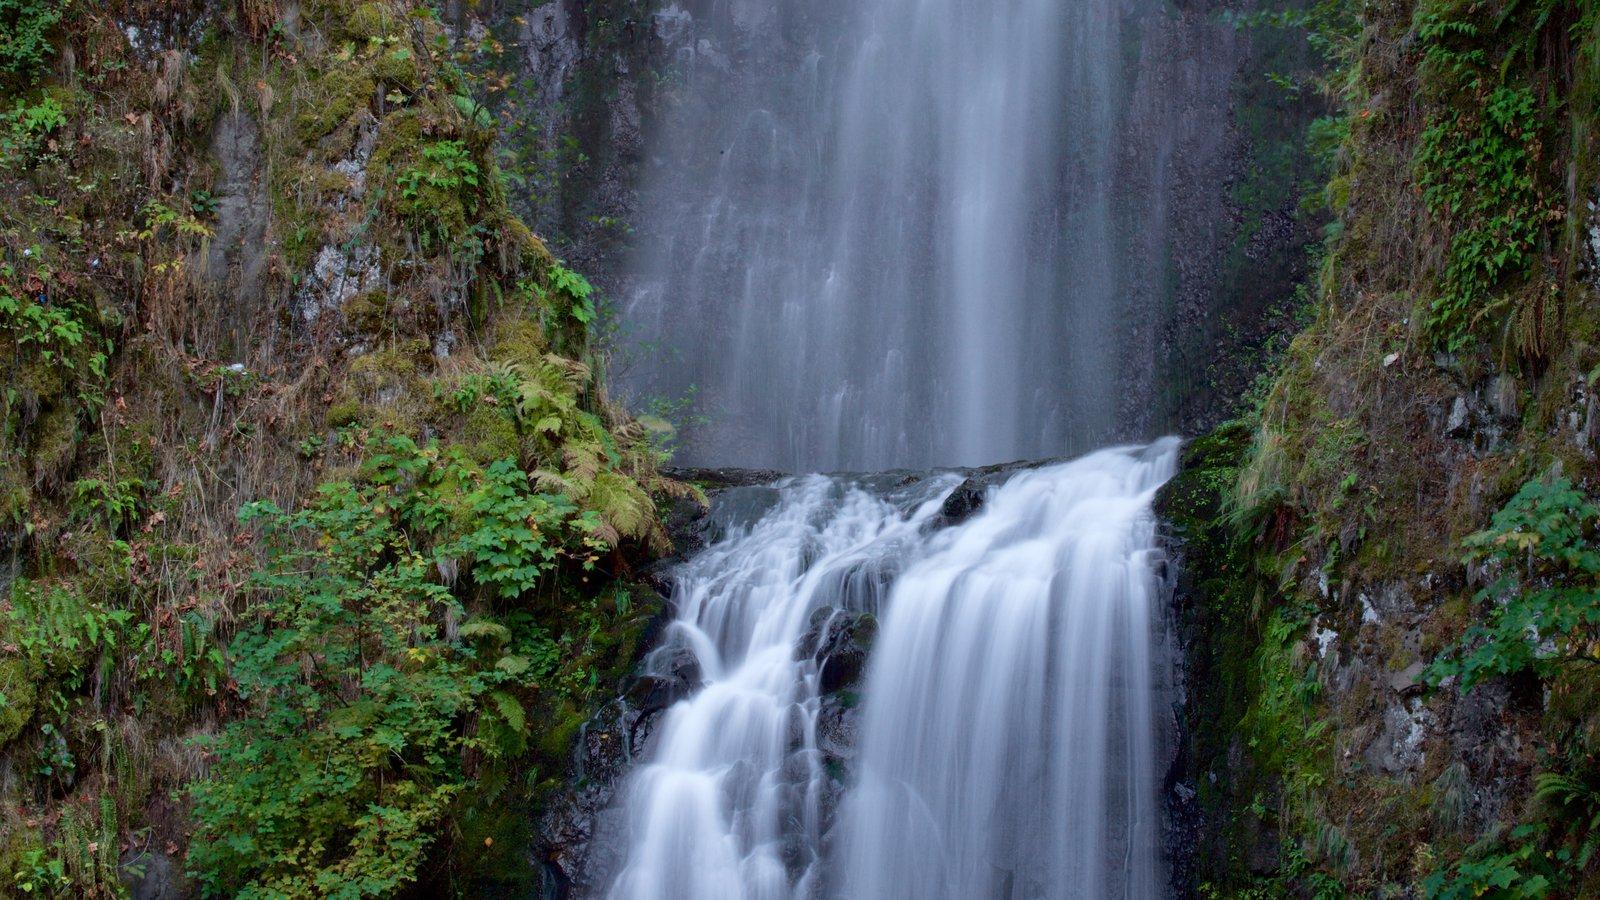 Cascadas de Multnomah mostrando una catarata y selva